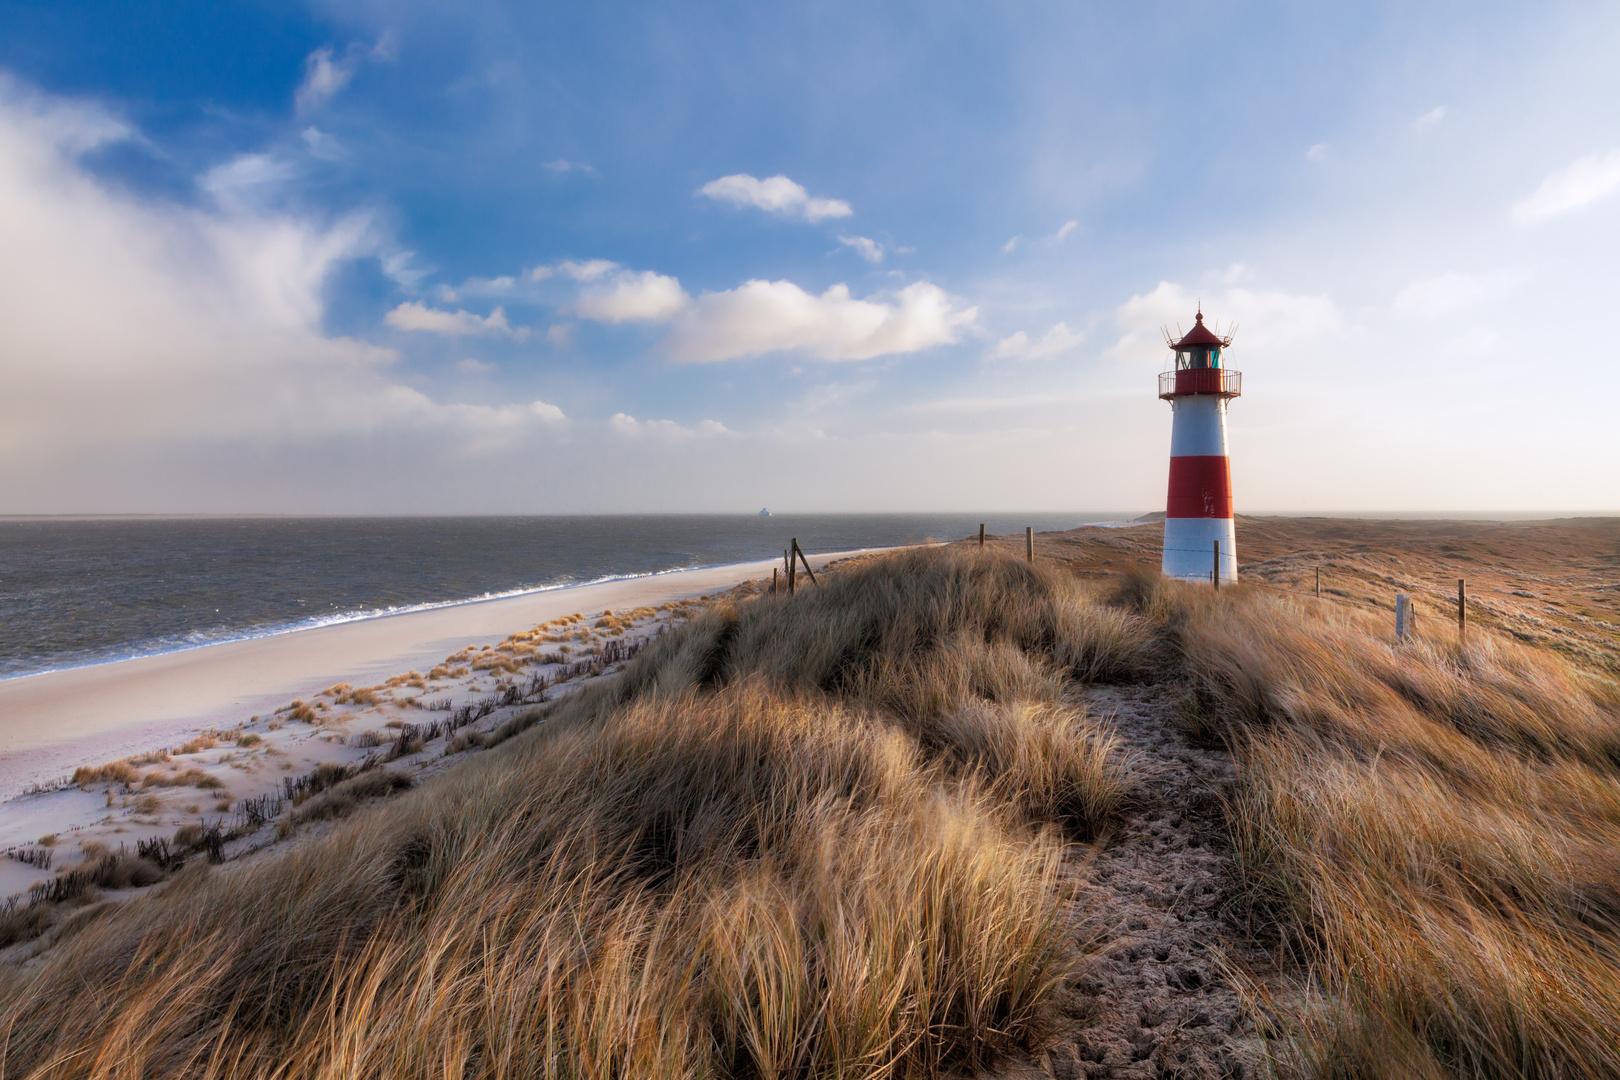 Bezaubernde Nordseestrände, List auf Sylt